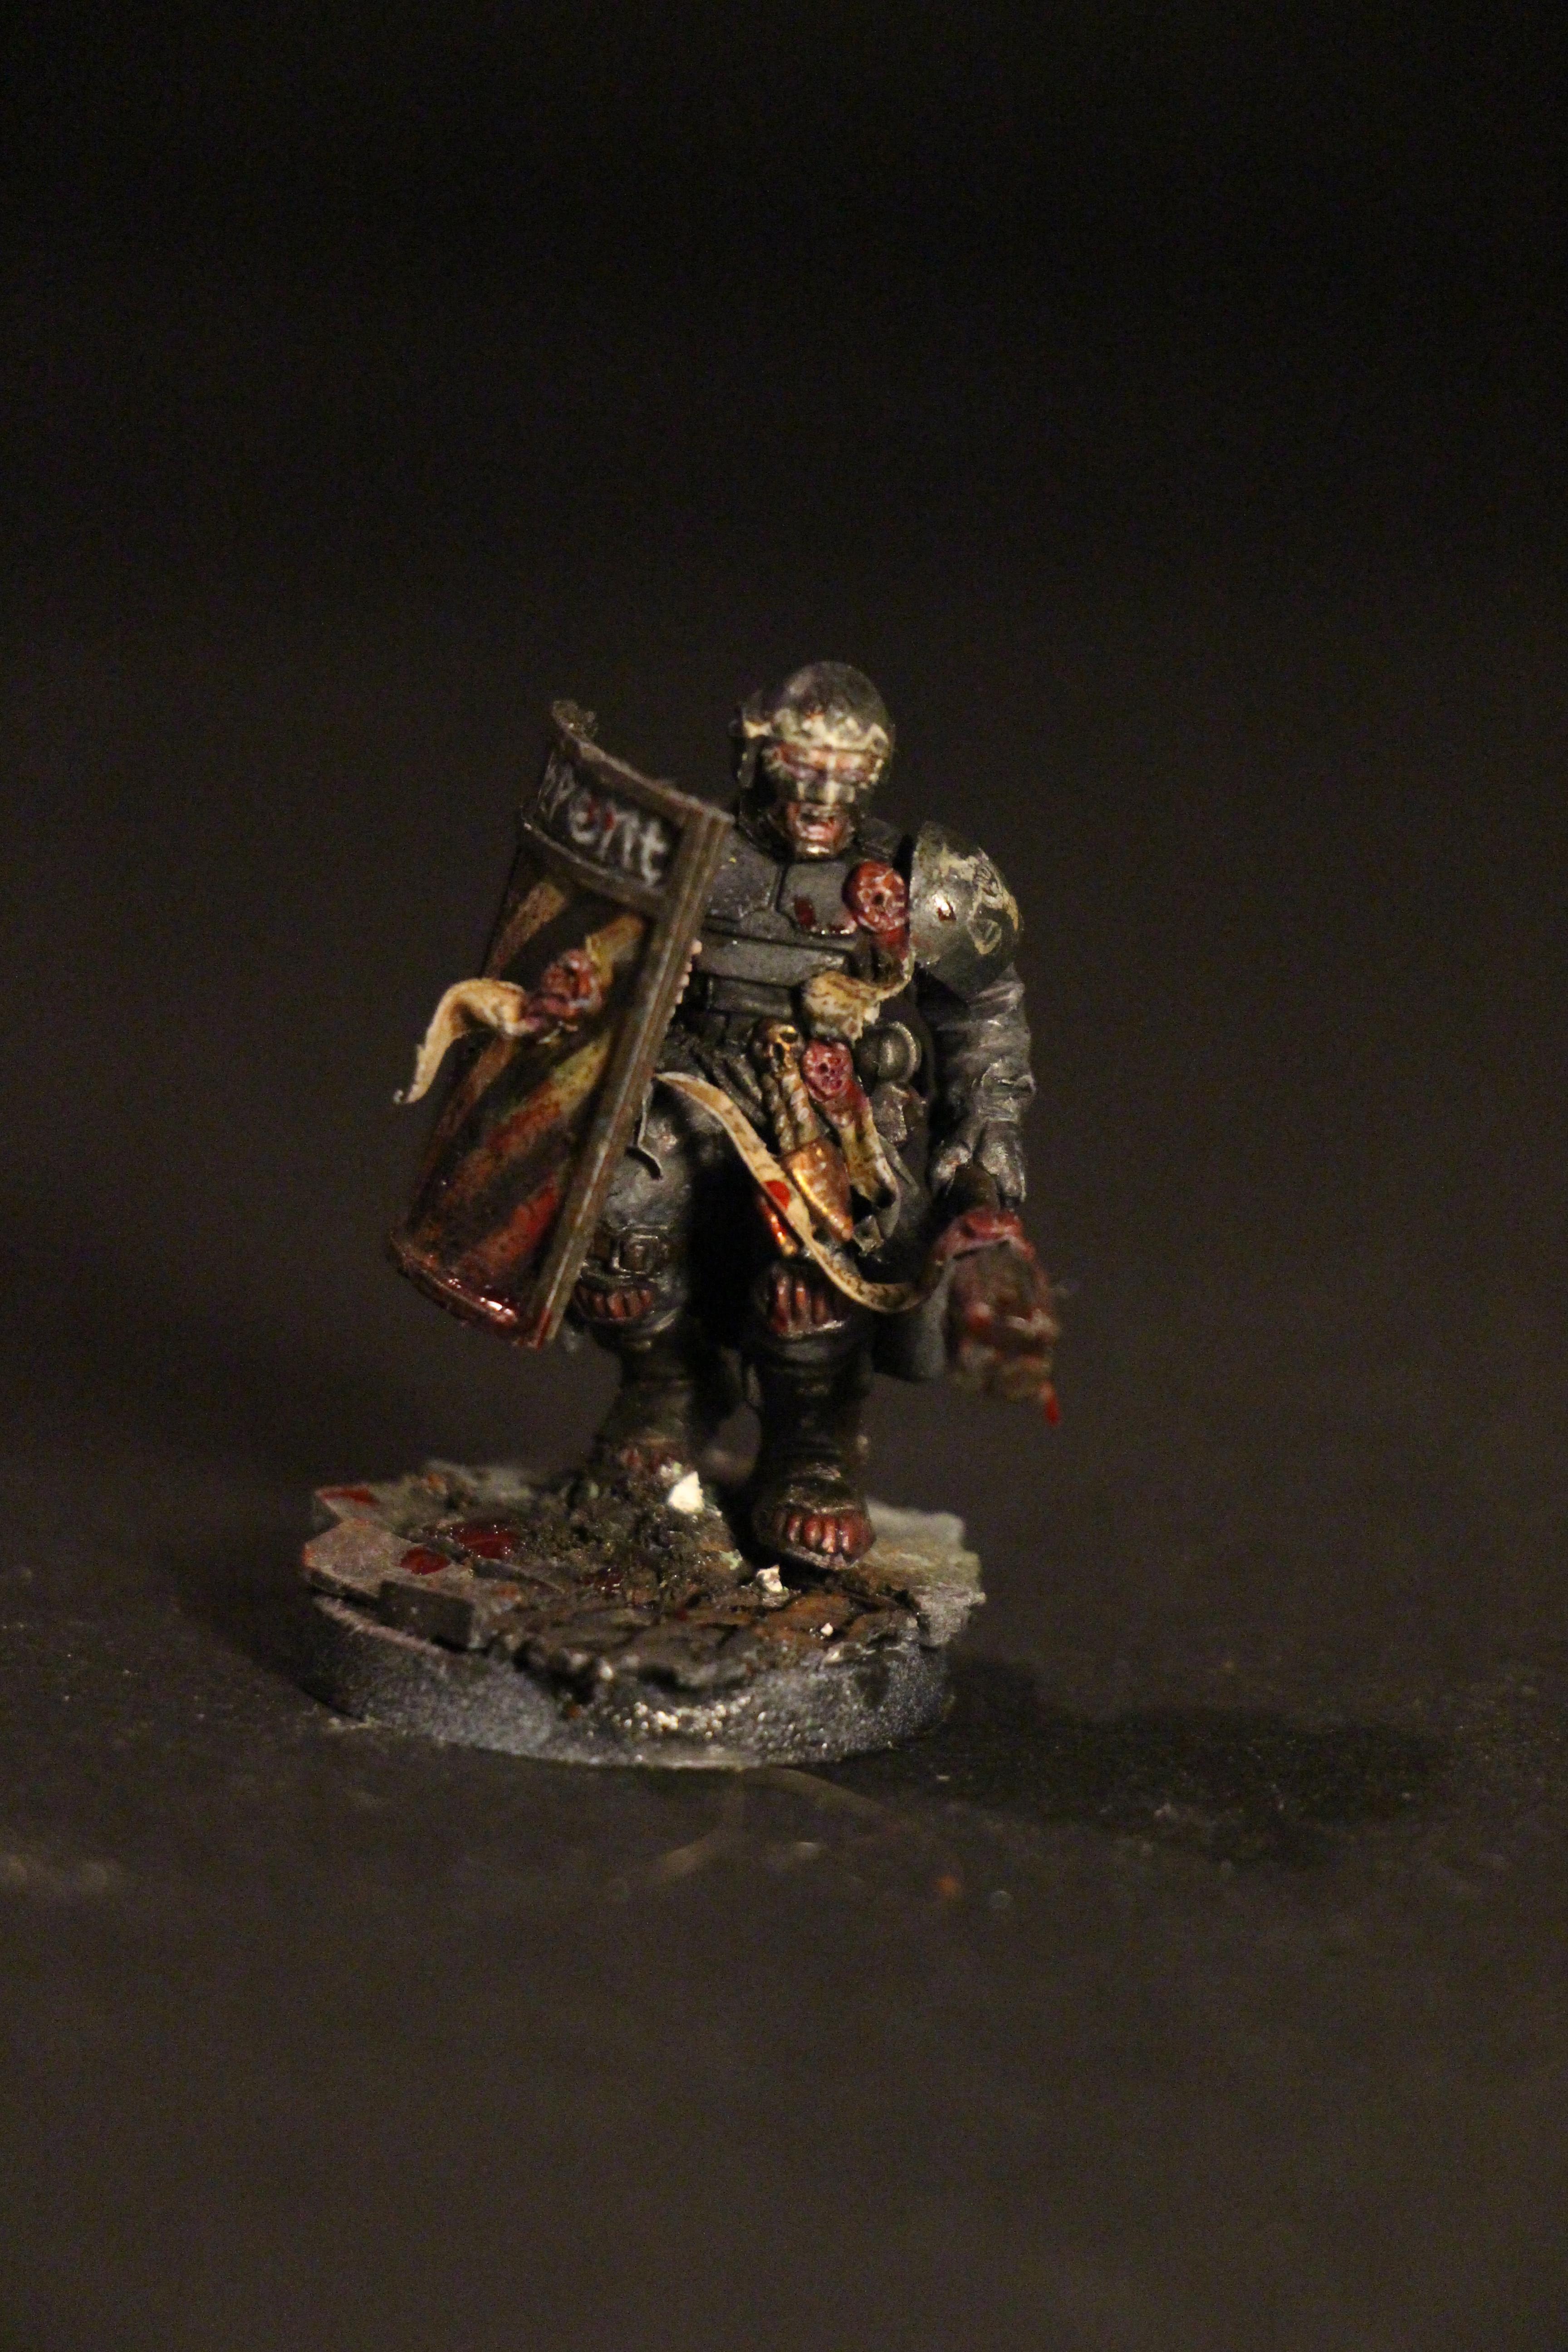 Adeptus Arbites, Dark Heresy, Grimdark, Judge, Riot Shield